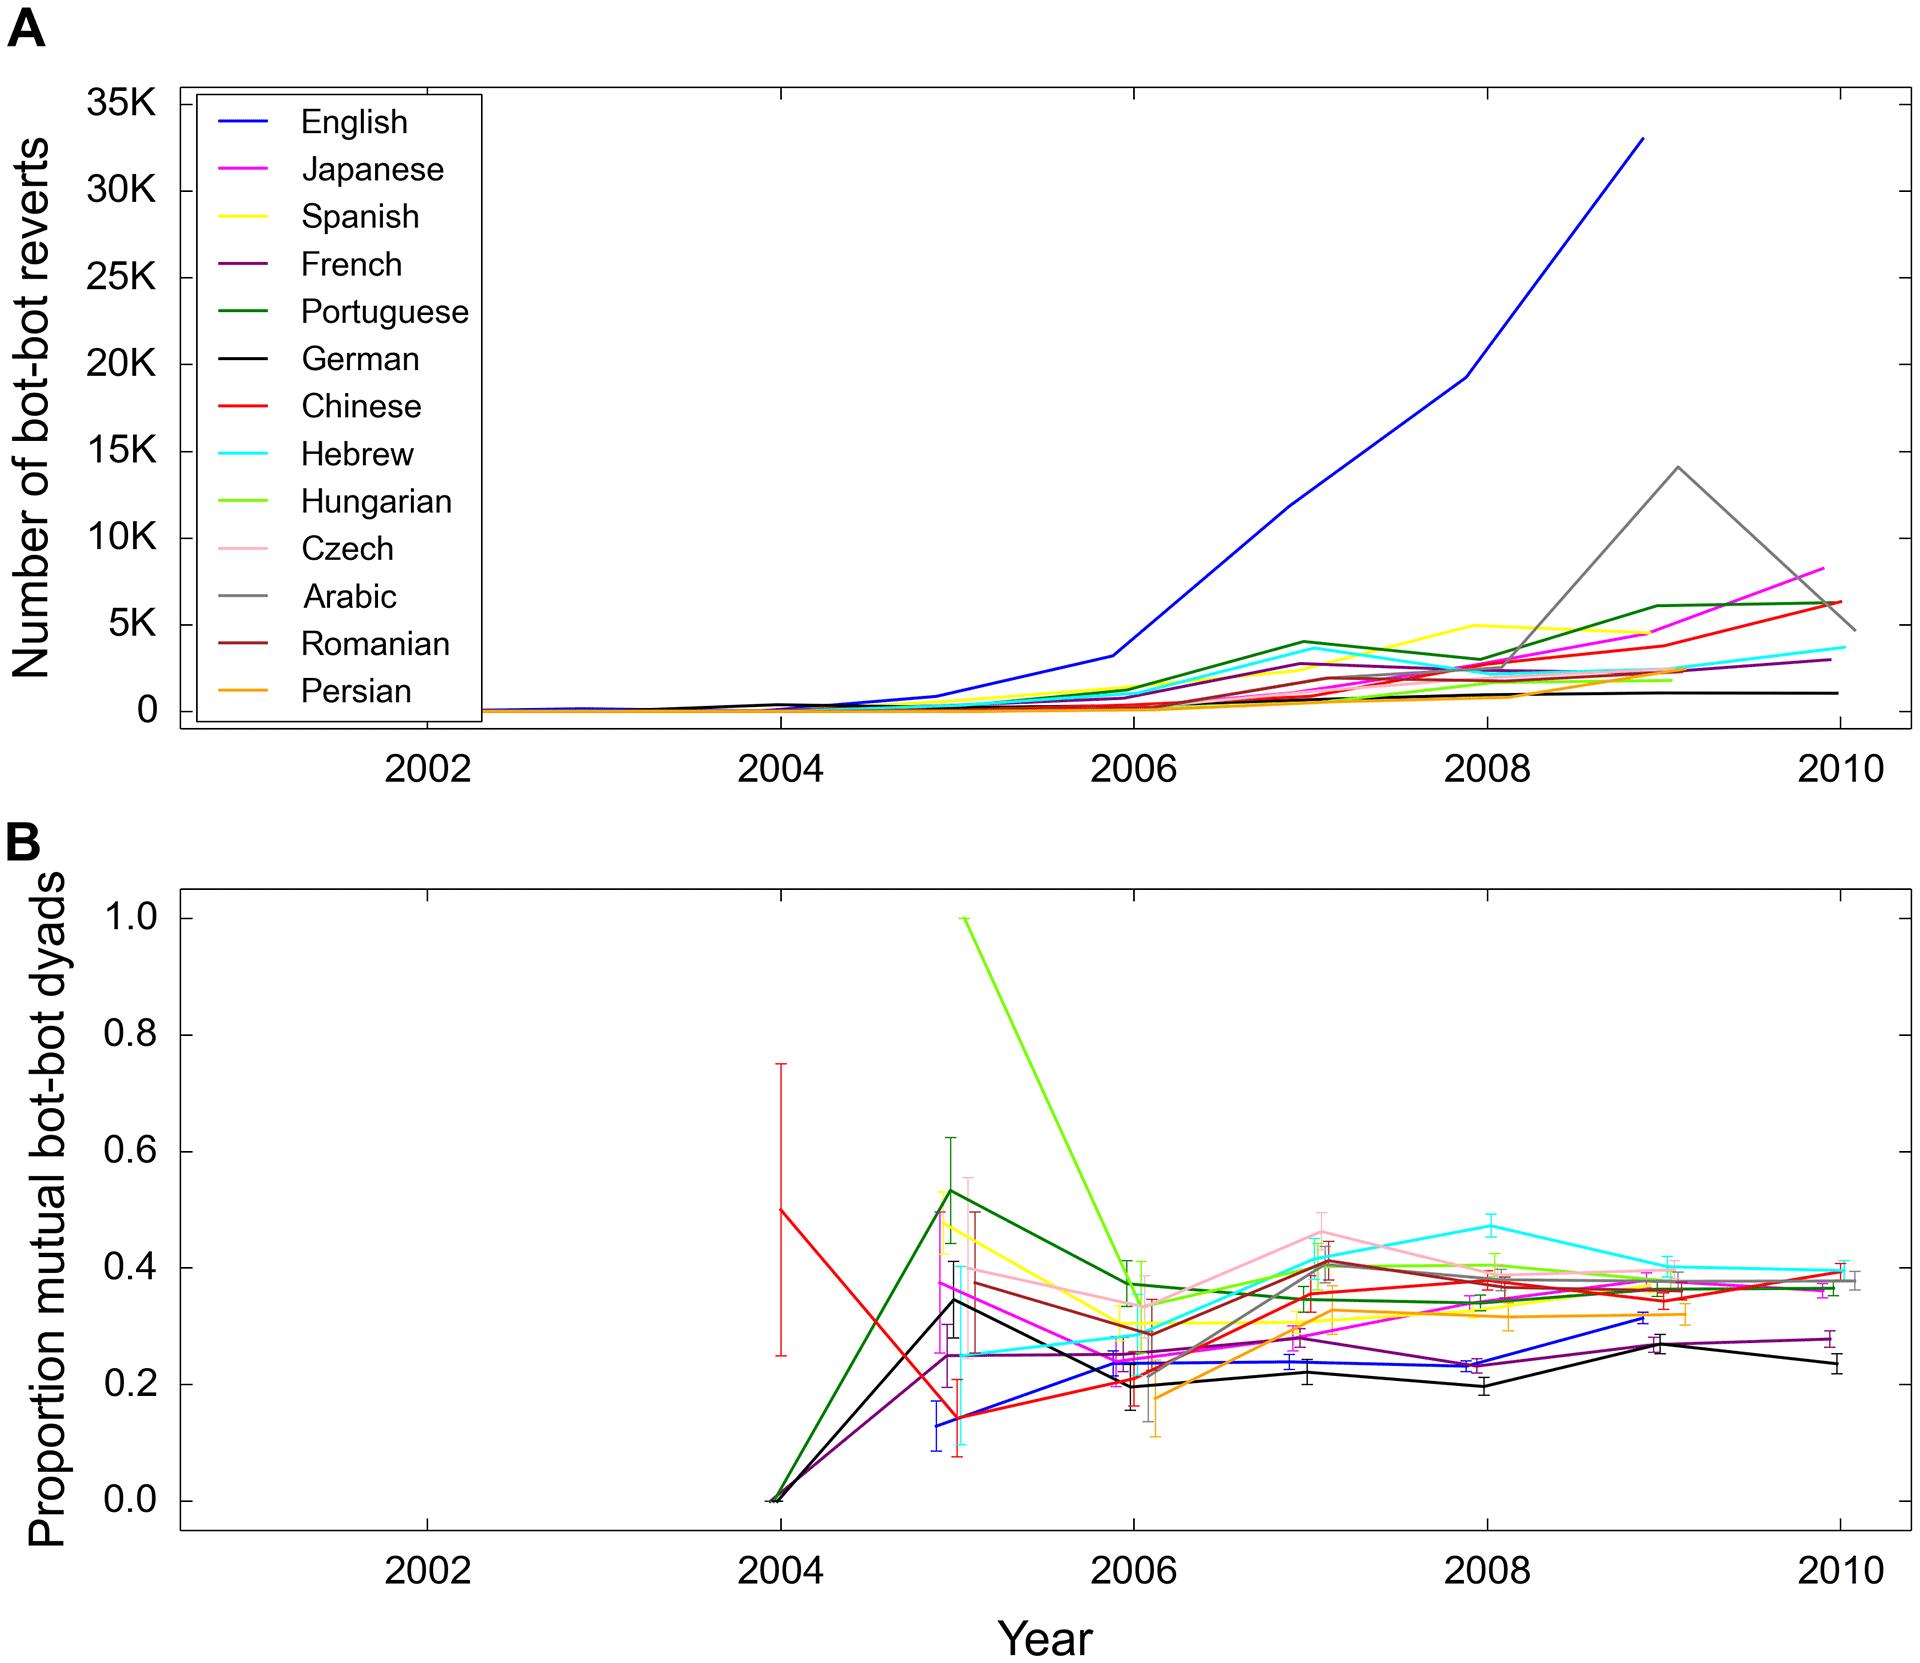 О чём хорошие боты спорят в Википедии - 4